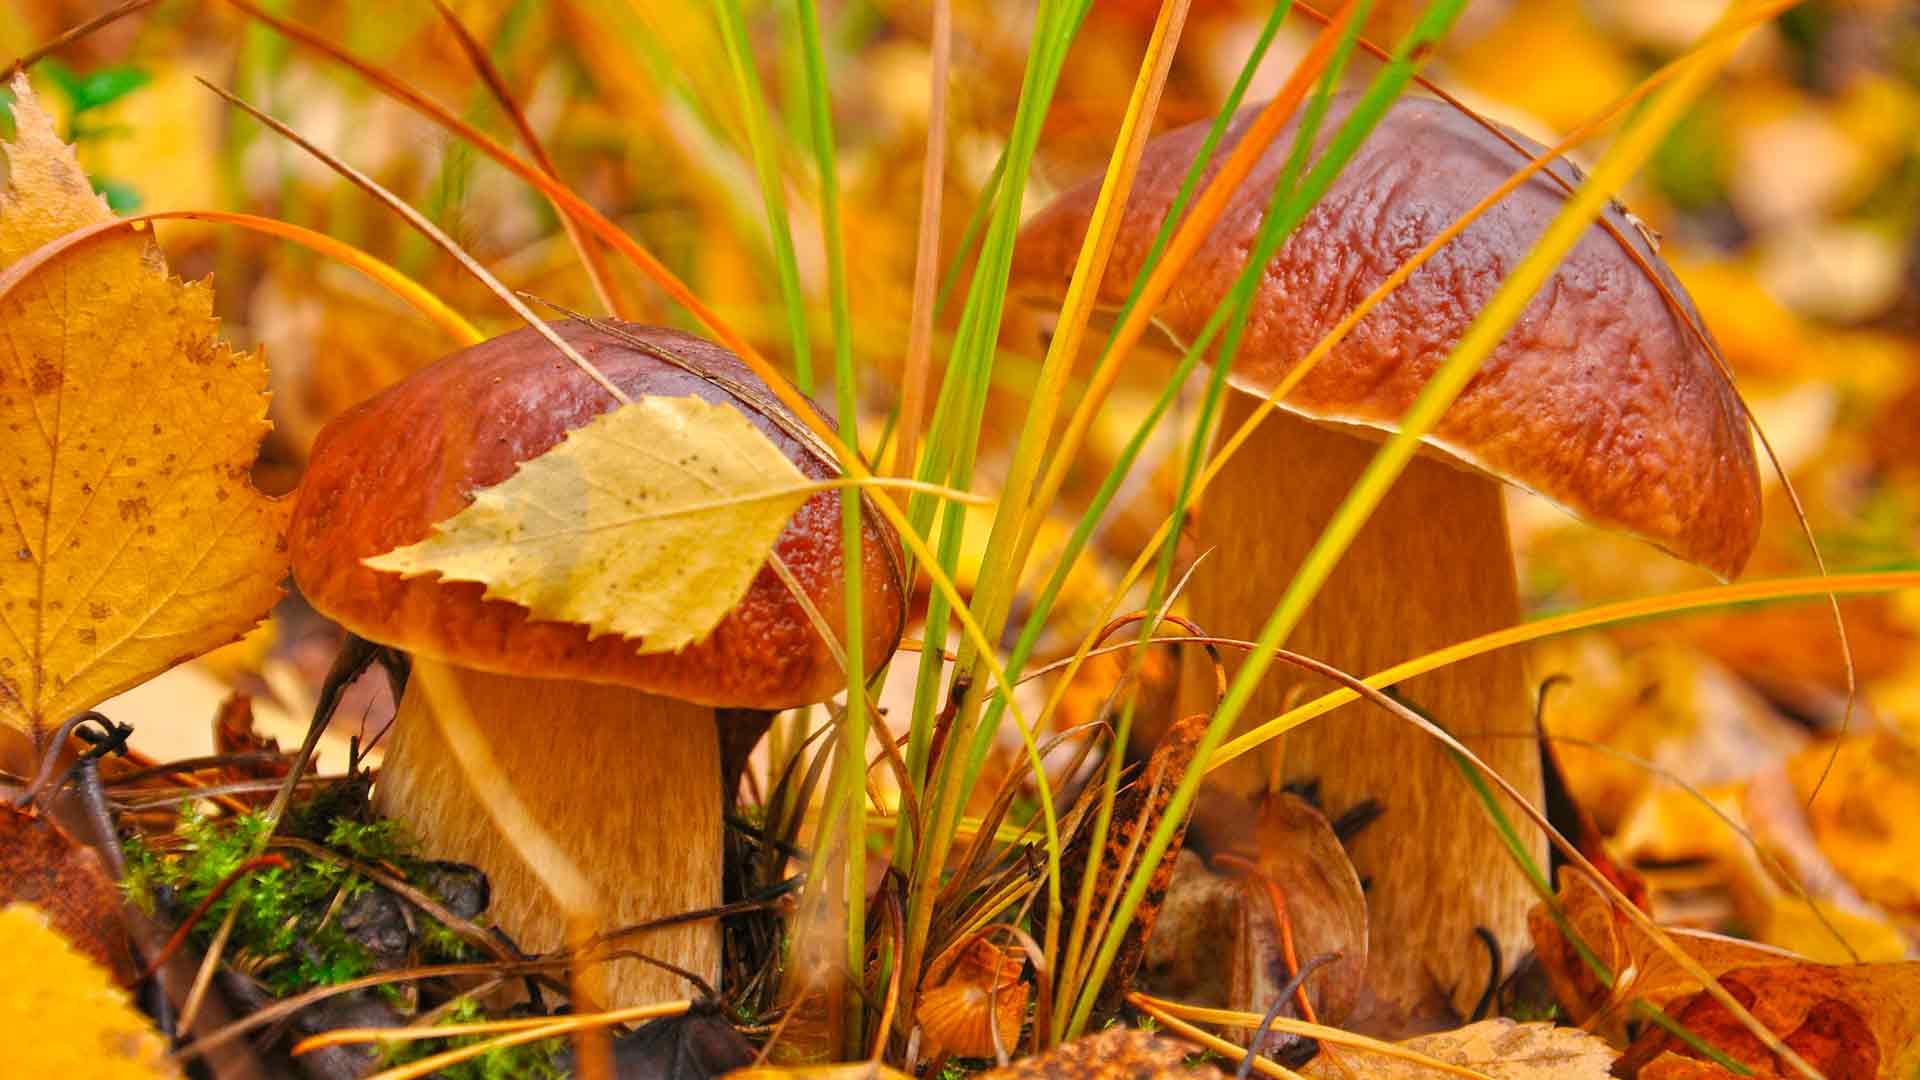 Обои на рабочий стол 1920х1080 грибы в осеннем лесу